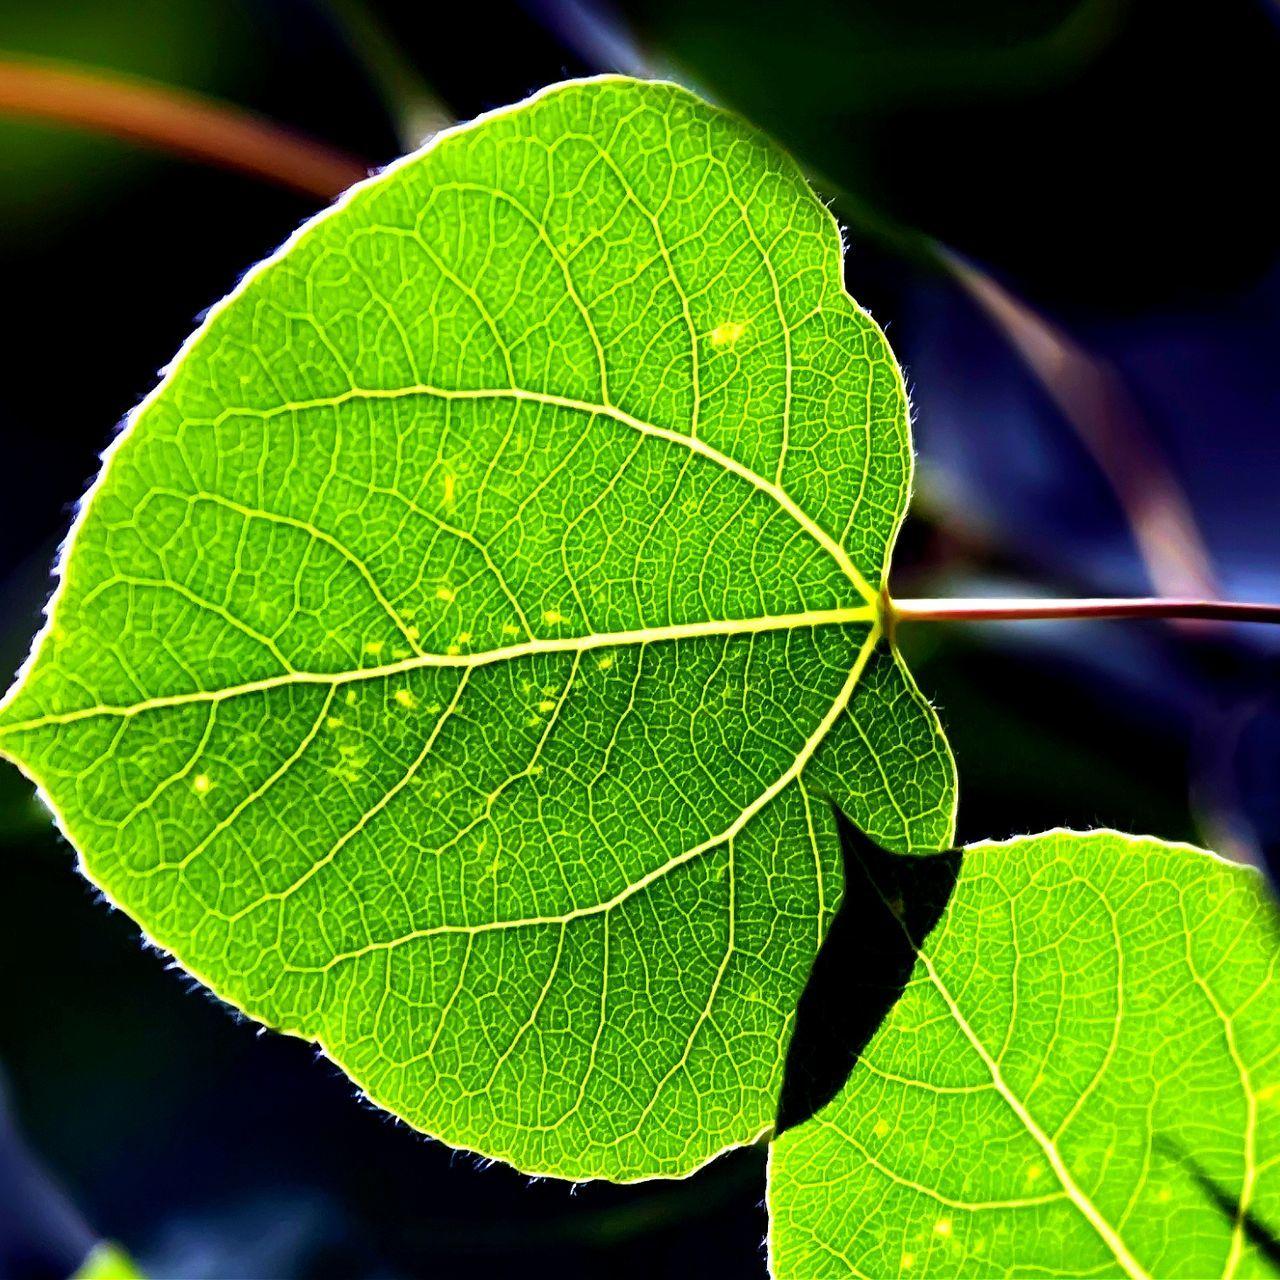 Aspen leaf. www.DonAshcraft.com Aspen Fine Art Photography Aspen Trees Aspen Leaves Aspen, Colorado Aspen Leaf AspenColorado Aspen Tree Aspen Colorado